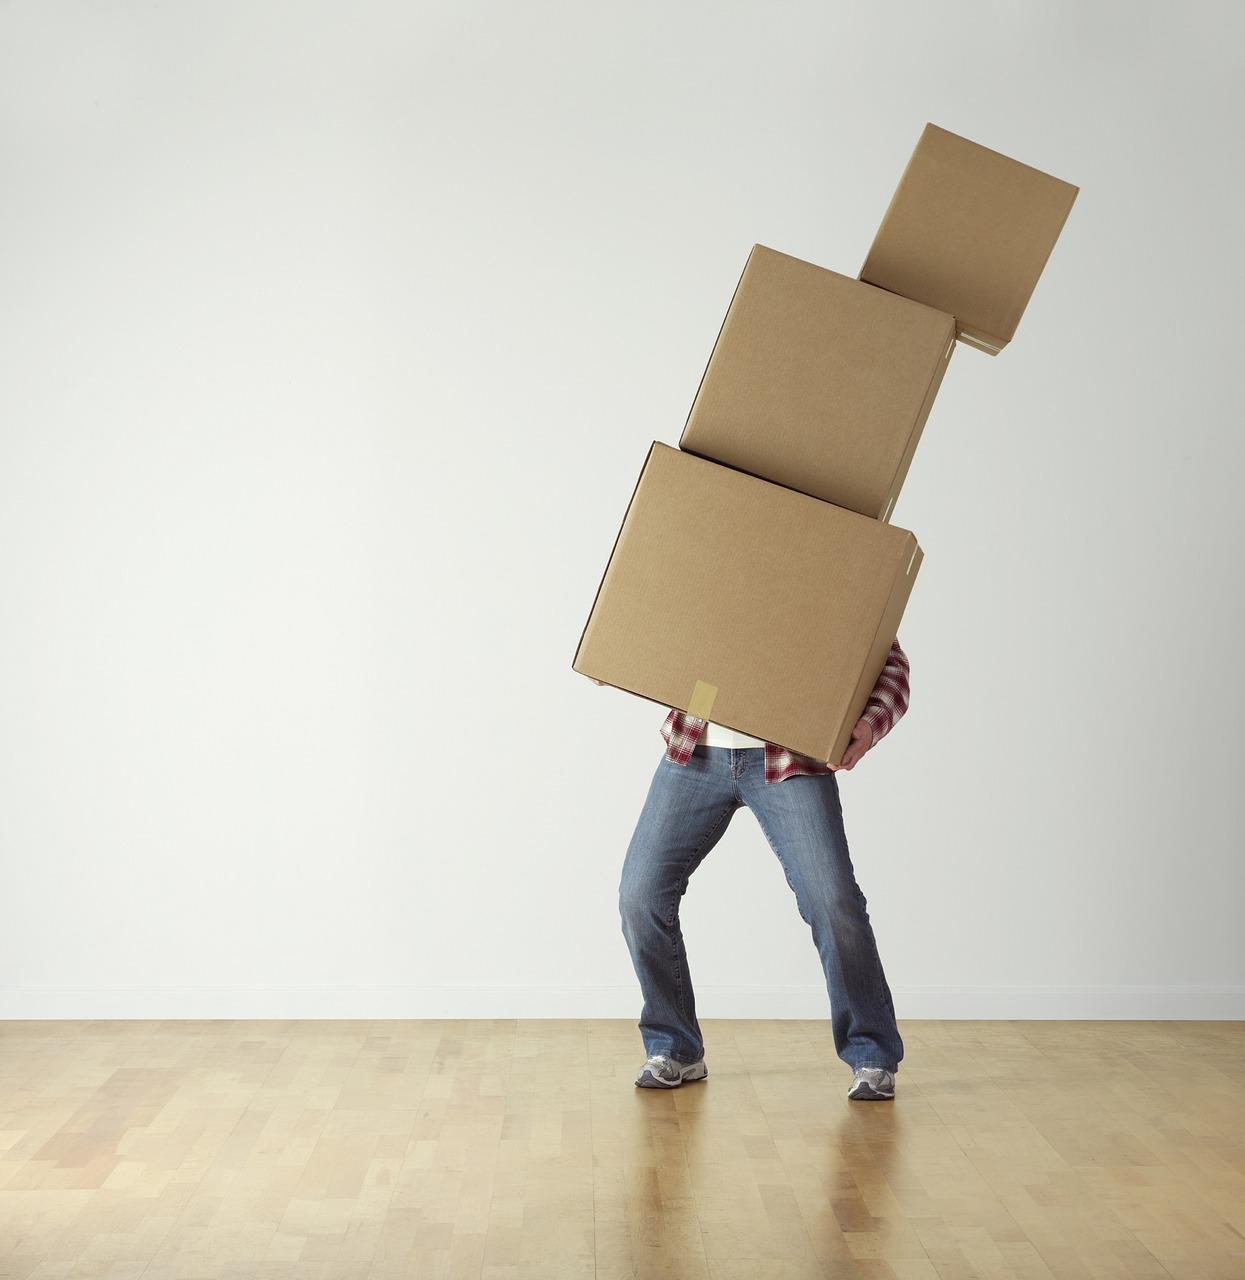 Comment Deplacer Un Meuble Lourd Sur Du Carrelage déplacer un meuble lourd avec l'aide d'un professionnel